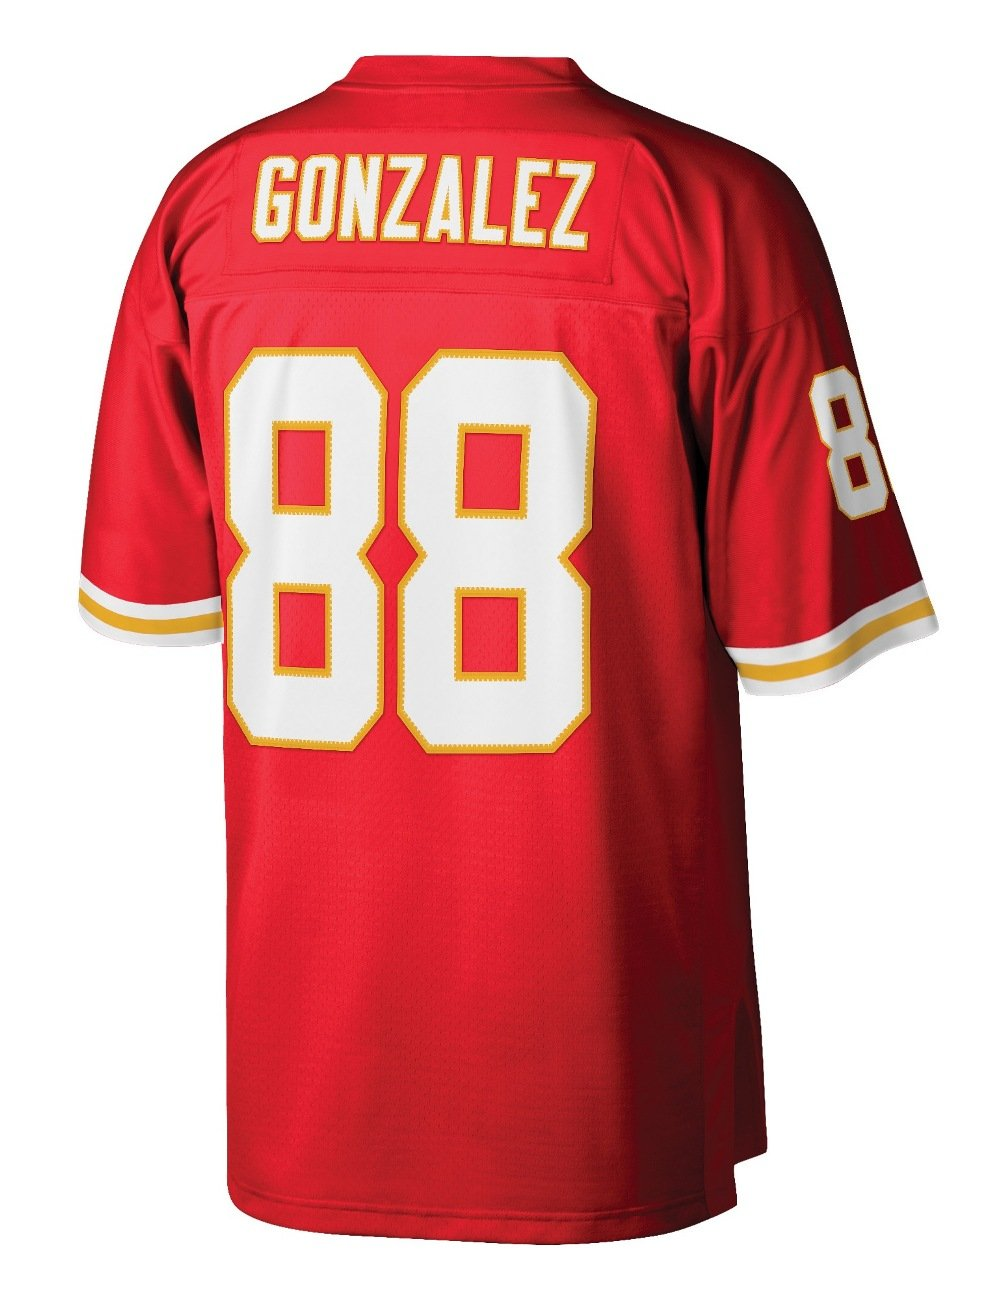 49add8ef9e9 Amazon.com   Mitchell   Ness Tony Gonzalez Kansas City Chiefs NFL Throwback Premier  Jersey   Sports   Outdoors